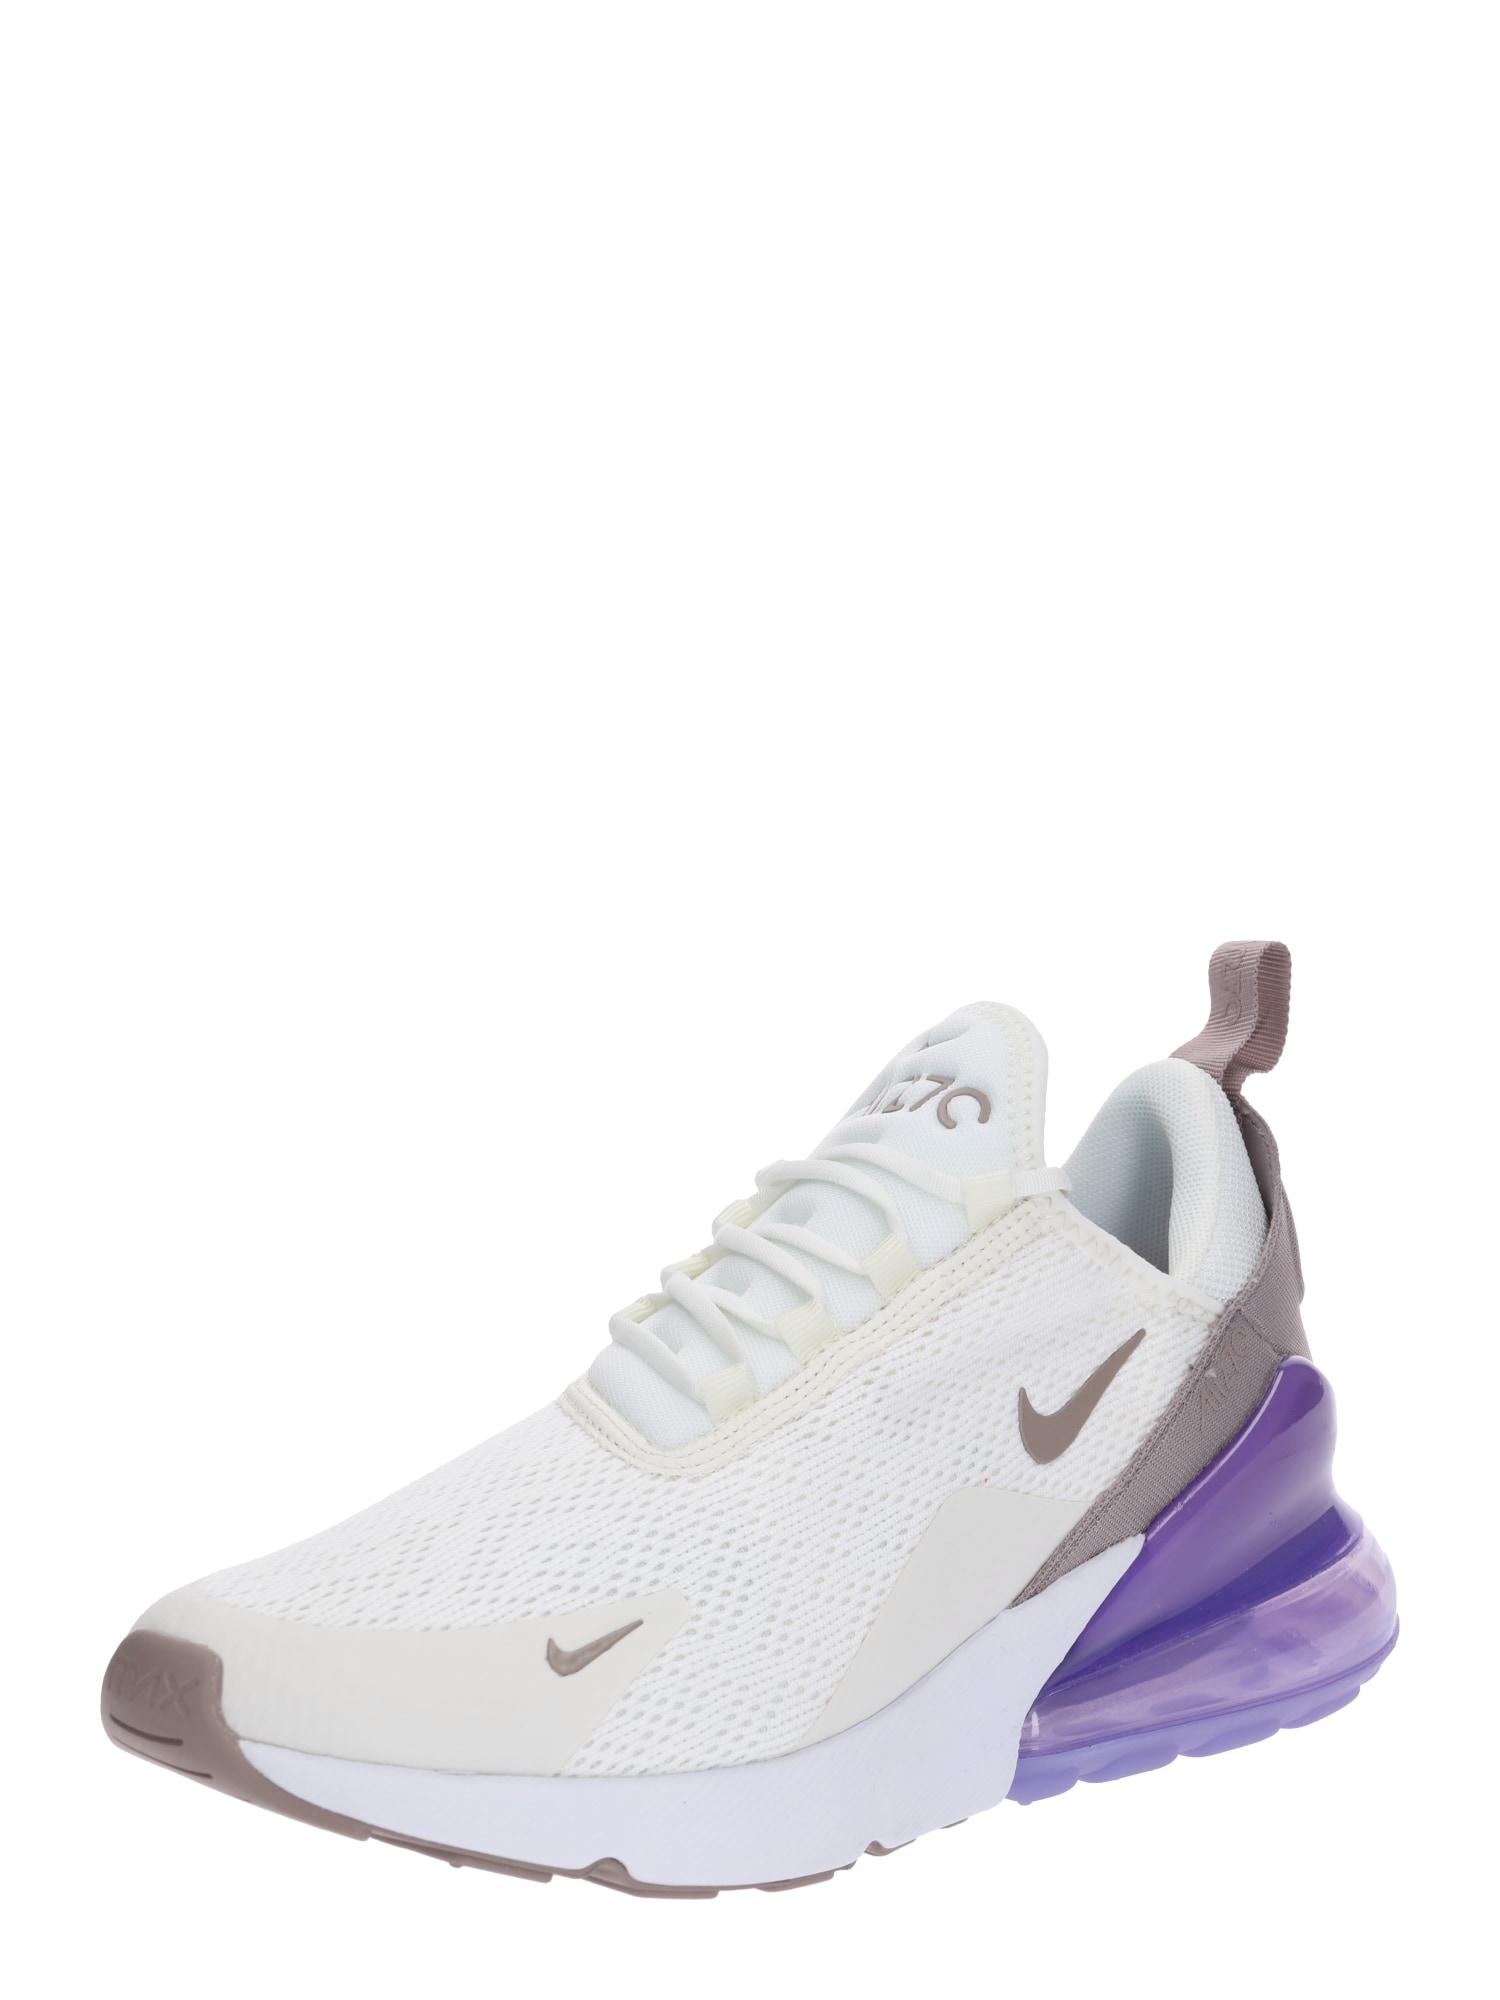 Tenisky Air Max 270 fialová bílá Nike Sportswear